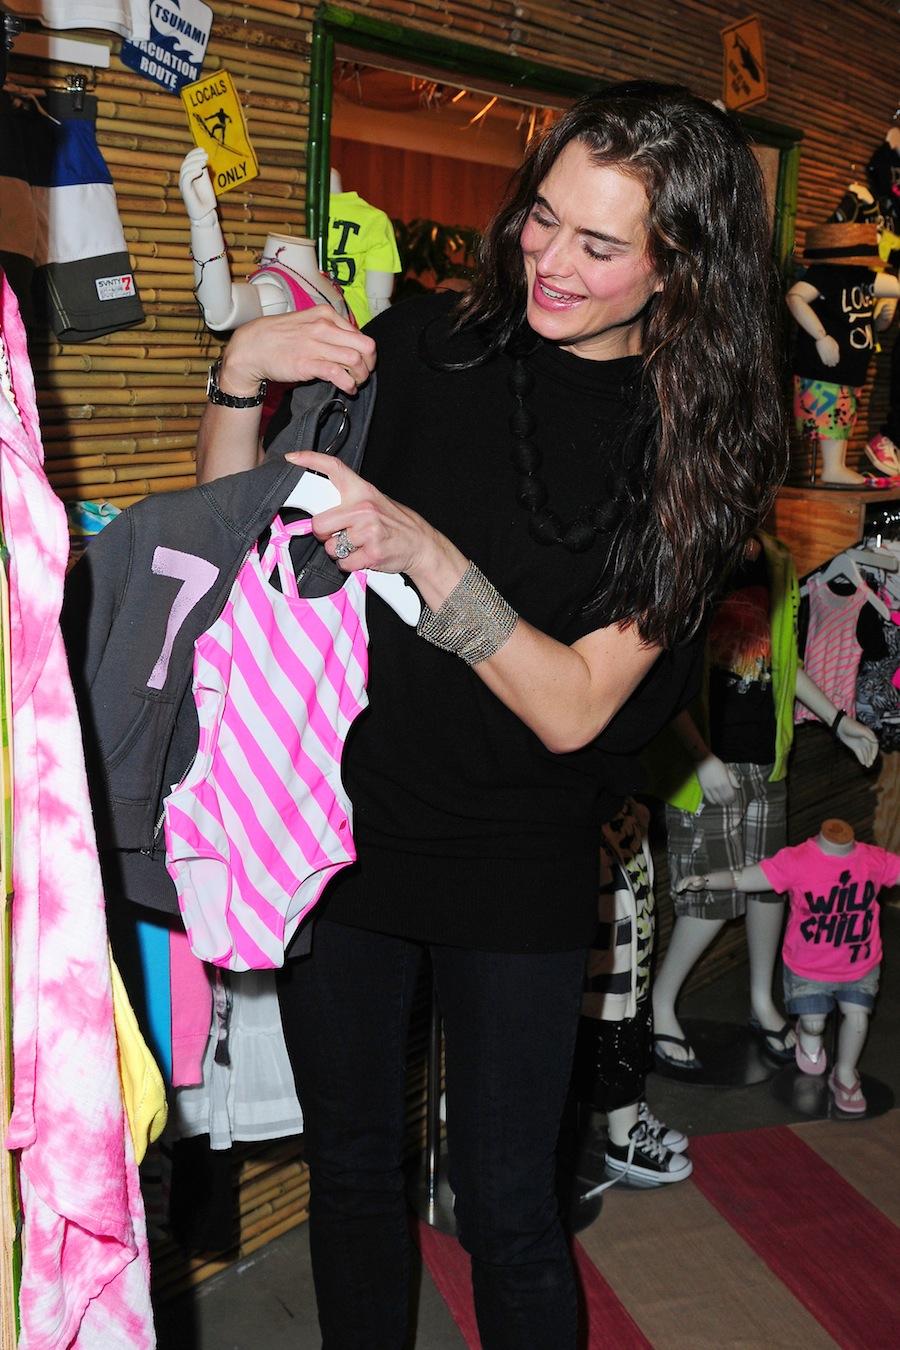 77Kids Opens New York City Store